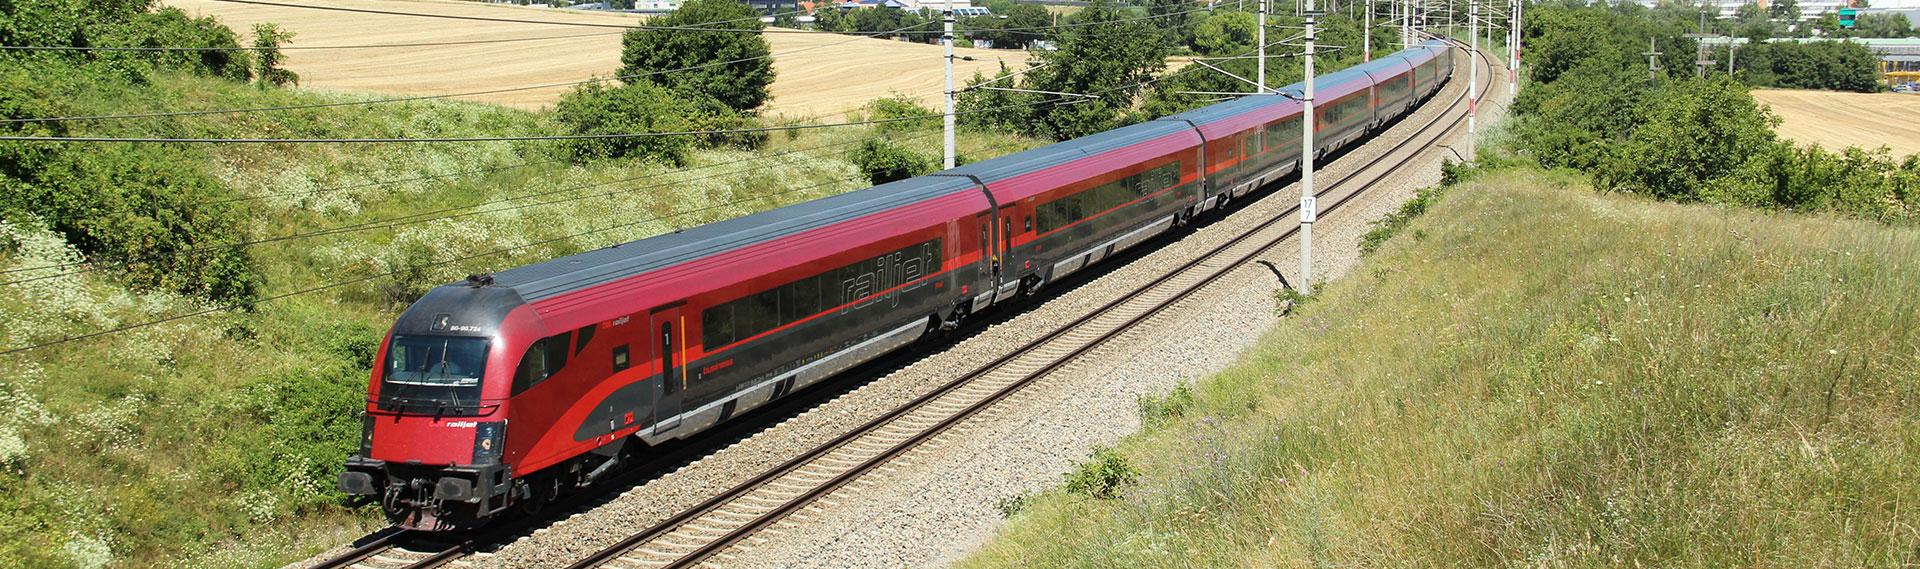 Austria-OBB-Railjet